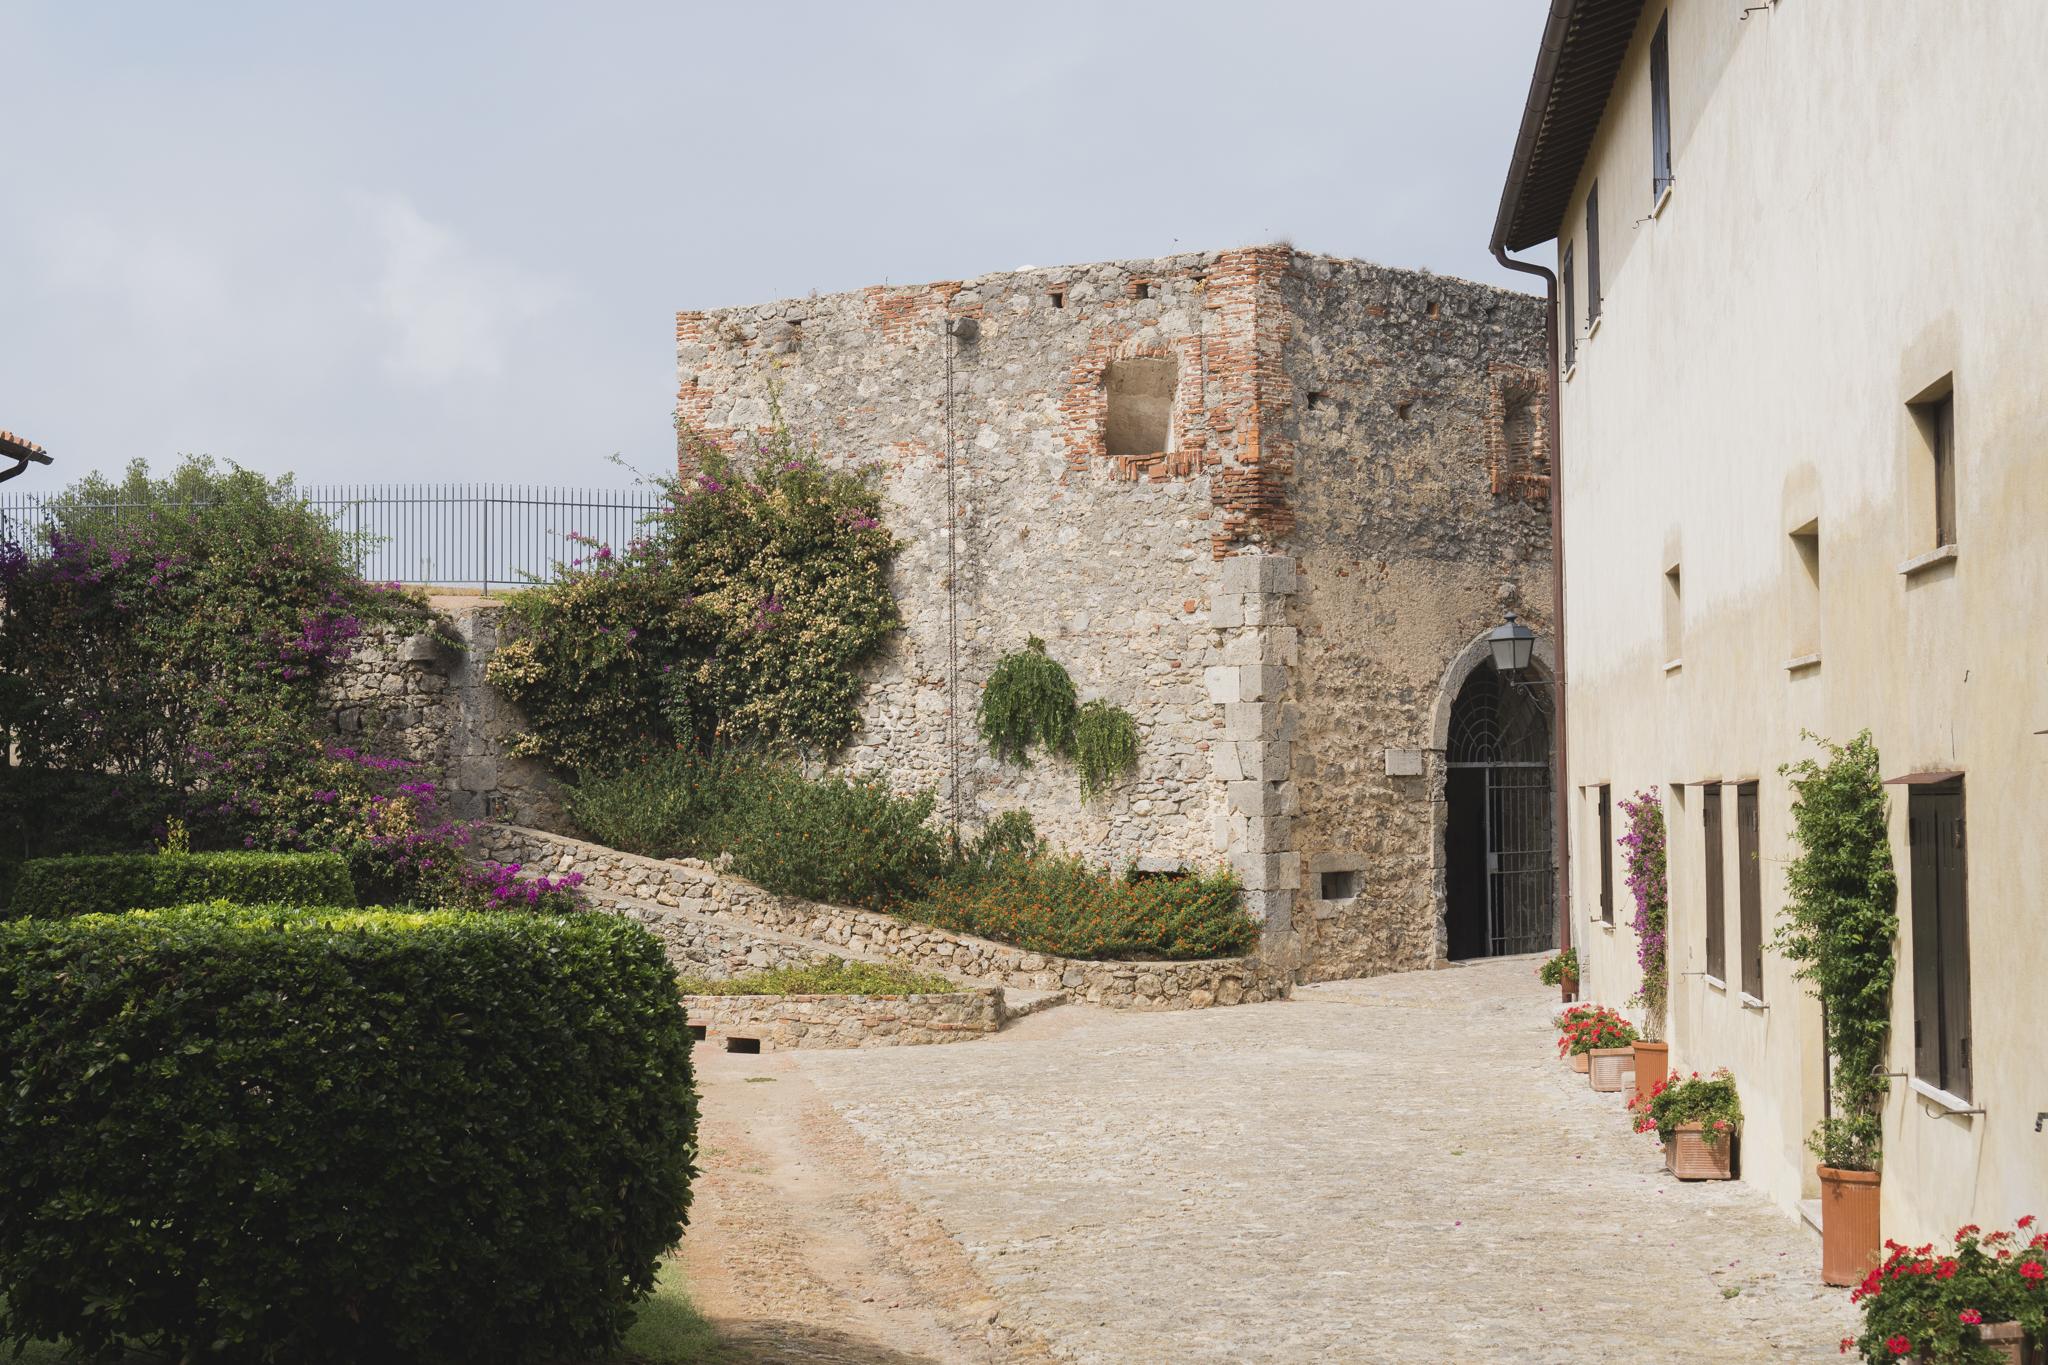 O_Italy-Tuscany-023.jpg